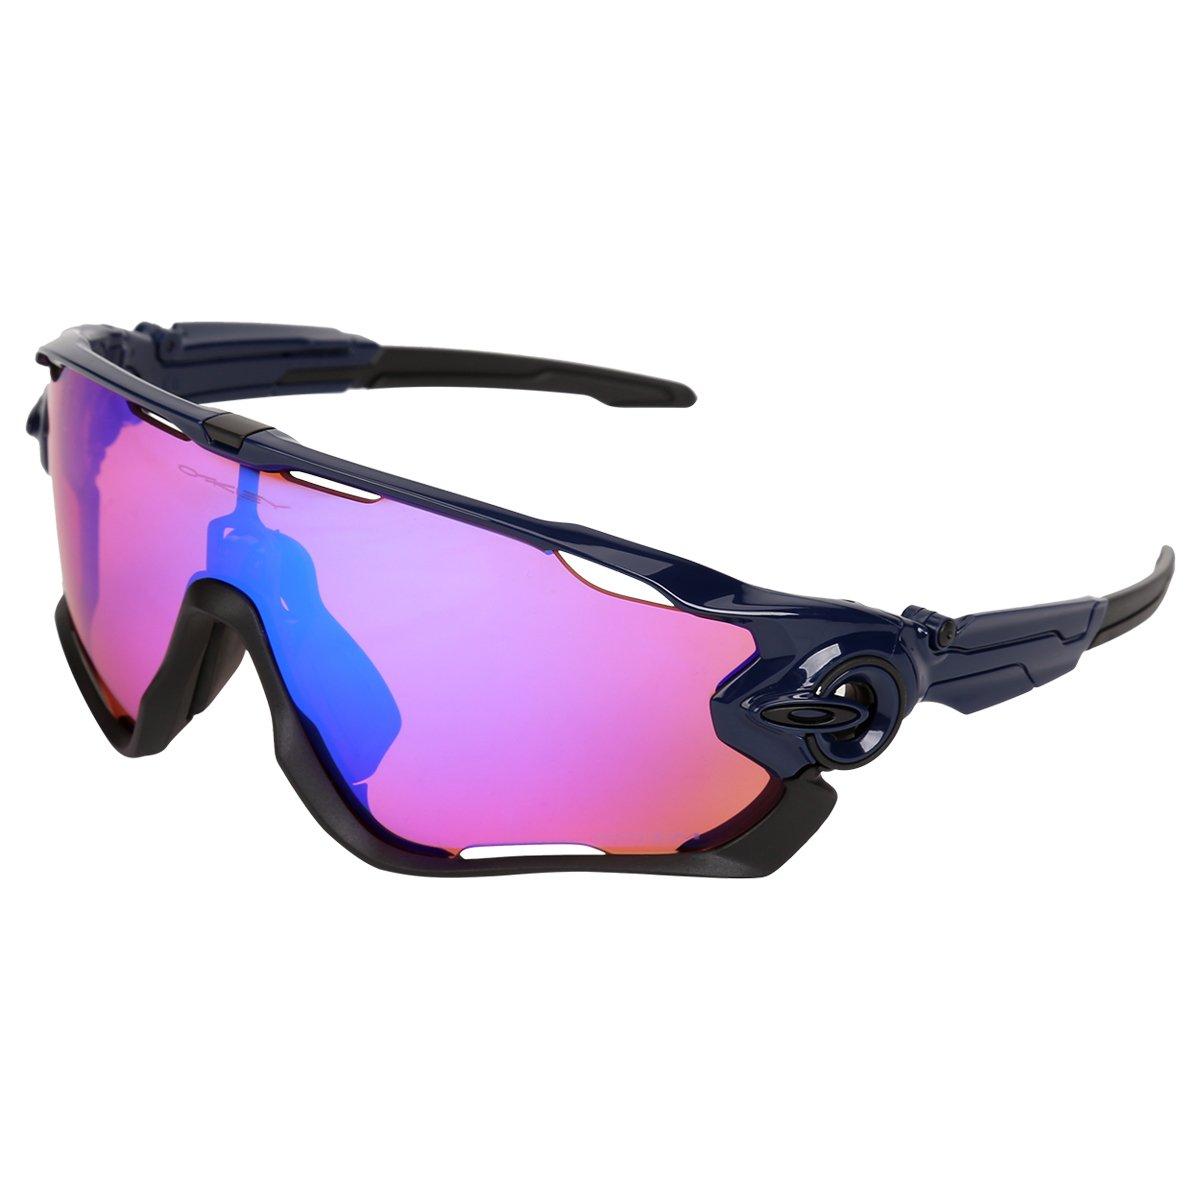 00f0d00731ace Óculos Oakley Jawbreaker - Prizm Road - Compre Agora